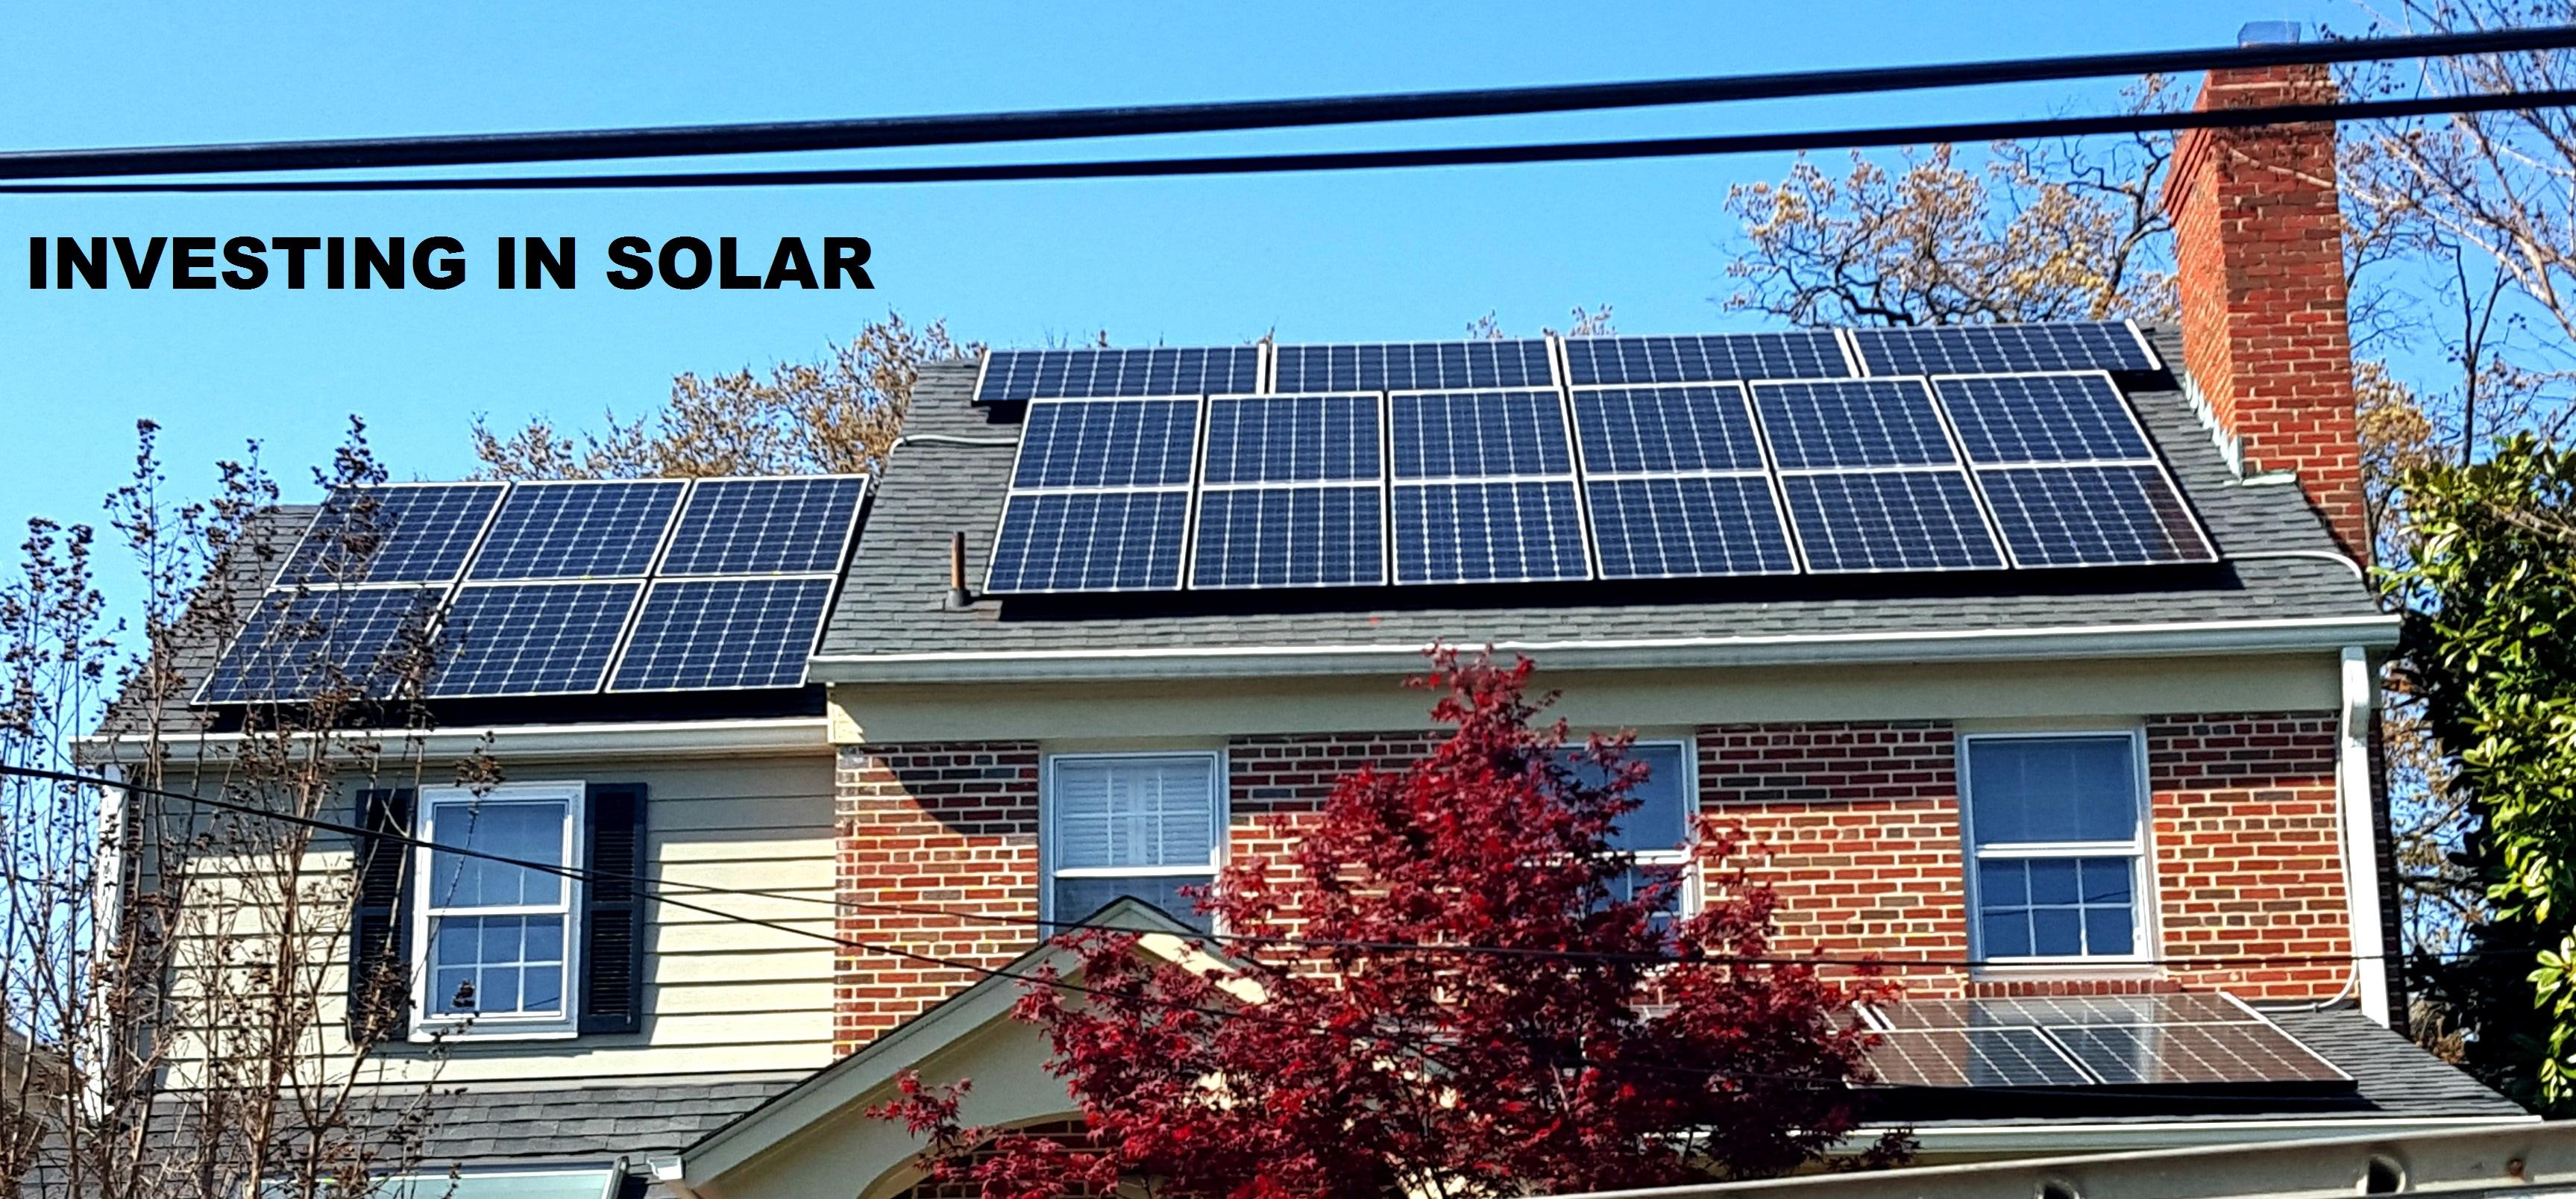 investing-in-solar